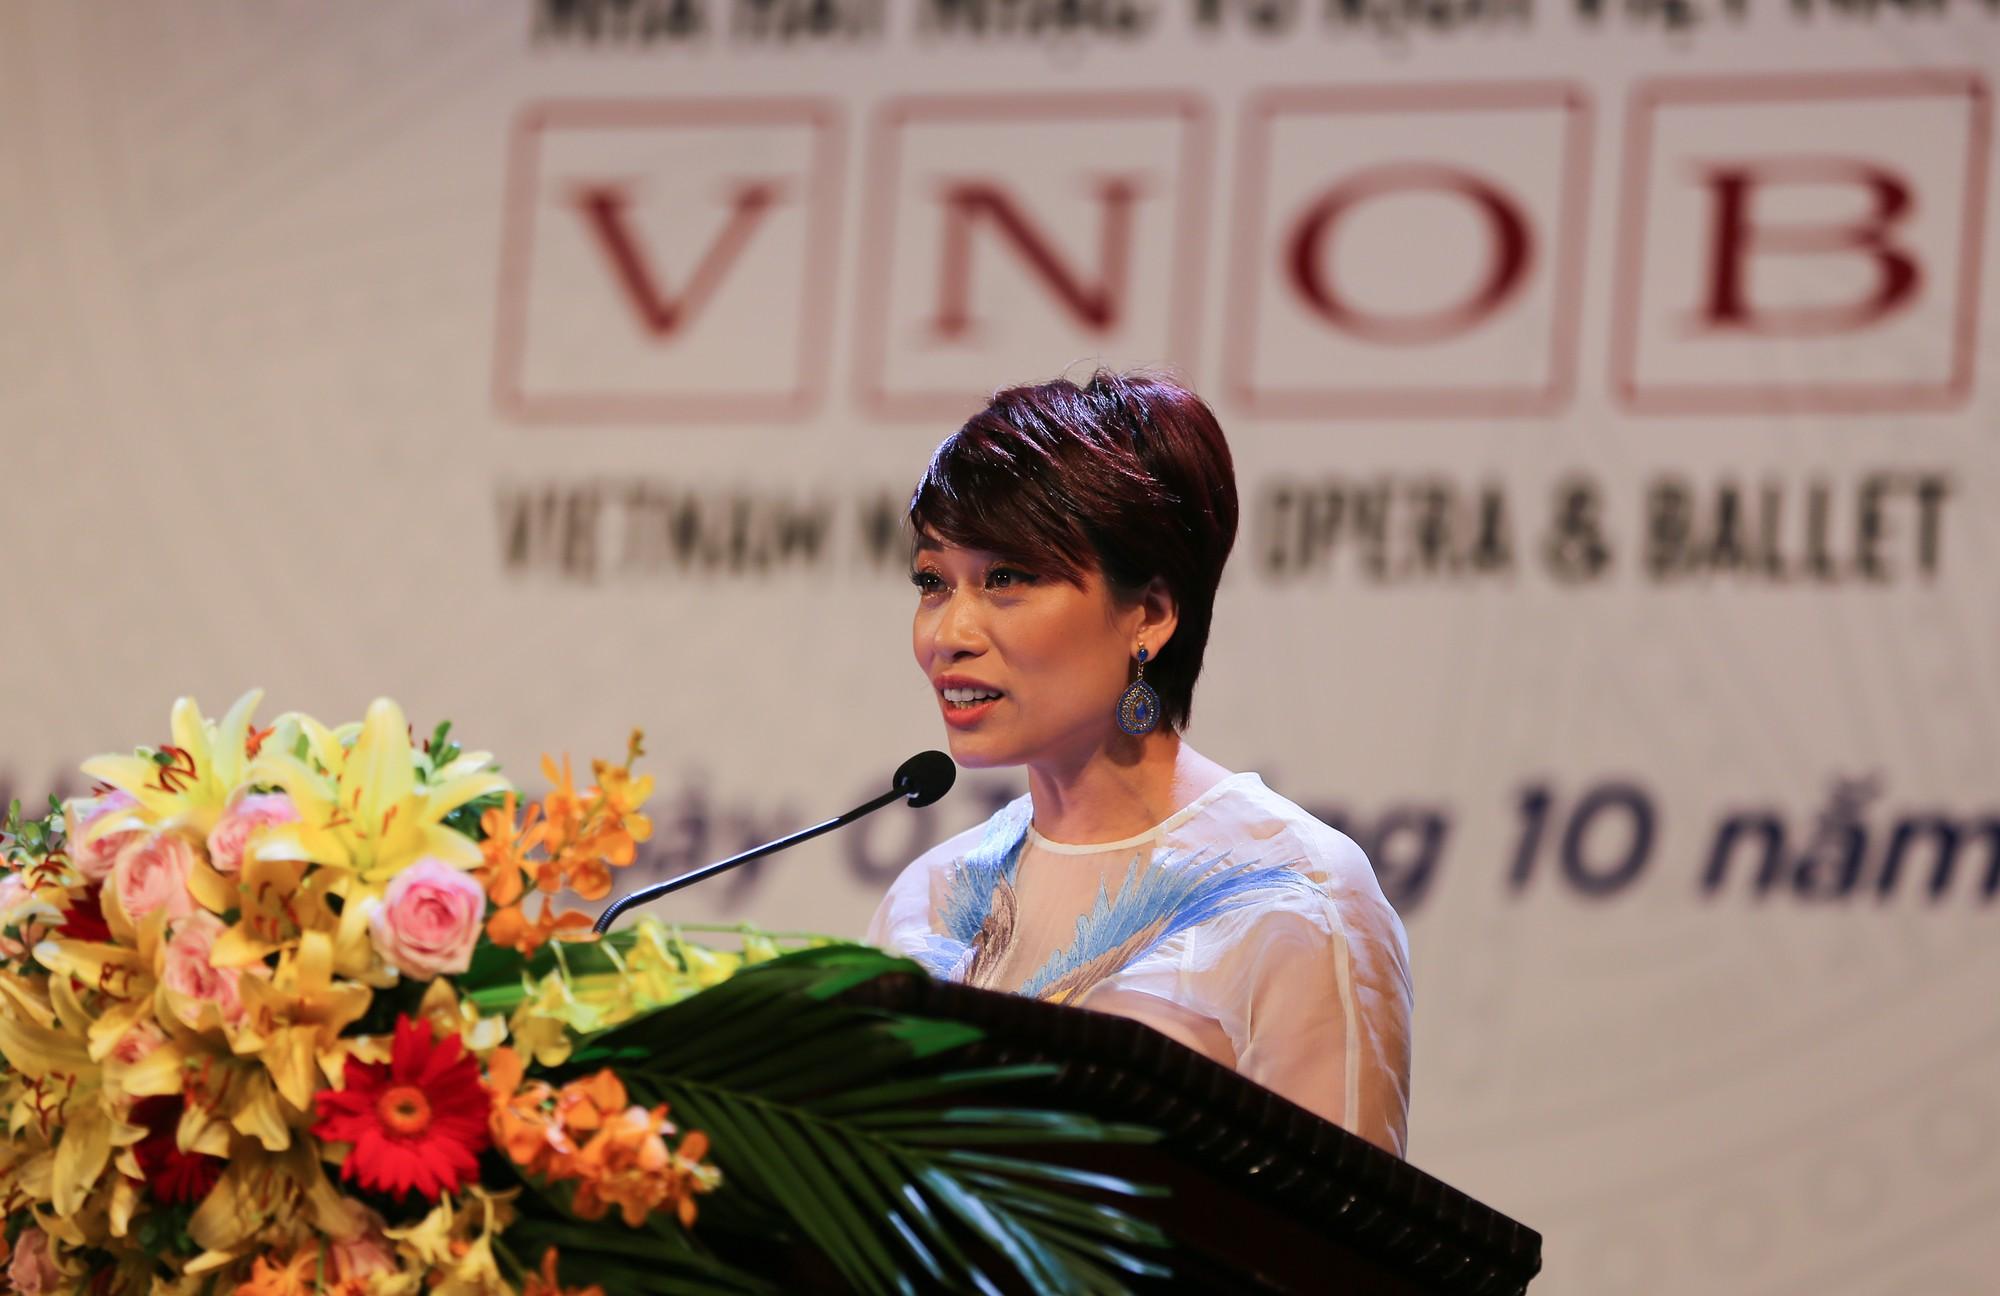 NSƯT Trần Ly Ly, Quyền Giám đốc Nhà hát Nhạc Vũ Kịch Việt Nam đọc diễn văn chào mừng buổi lễ.